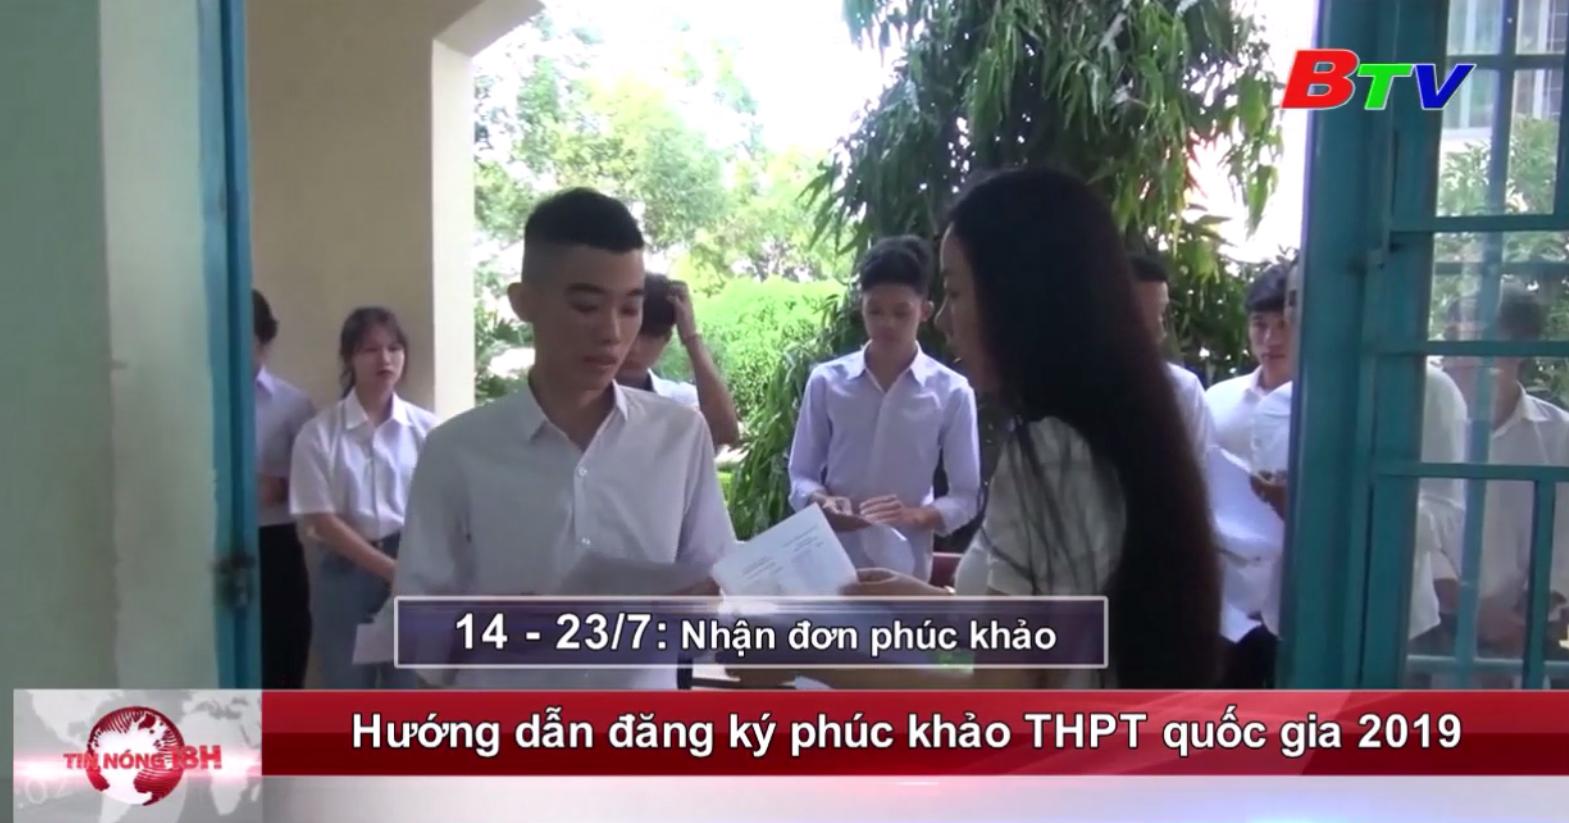 Hướng dẫn đăng ký phúc khảo THPT quốc gia 2019